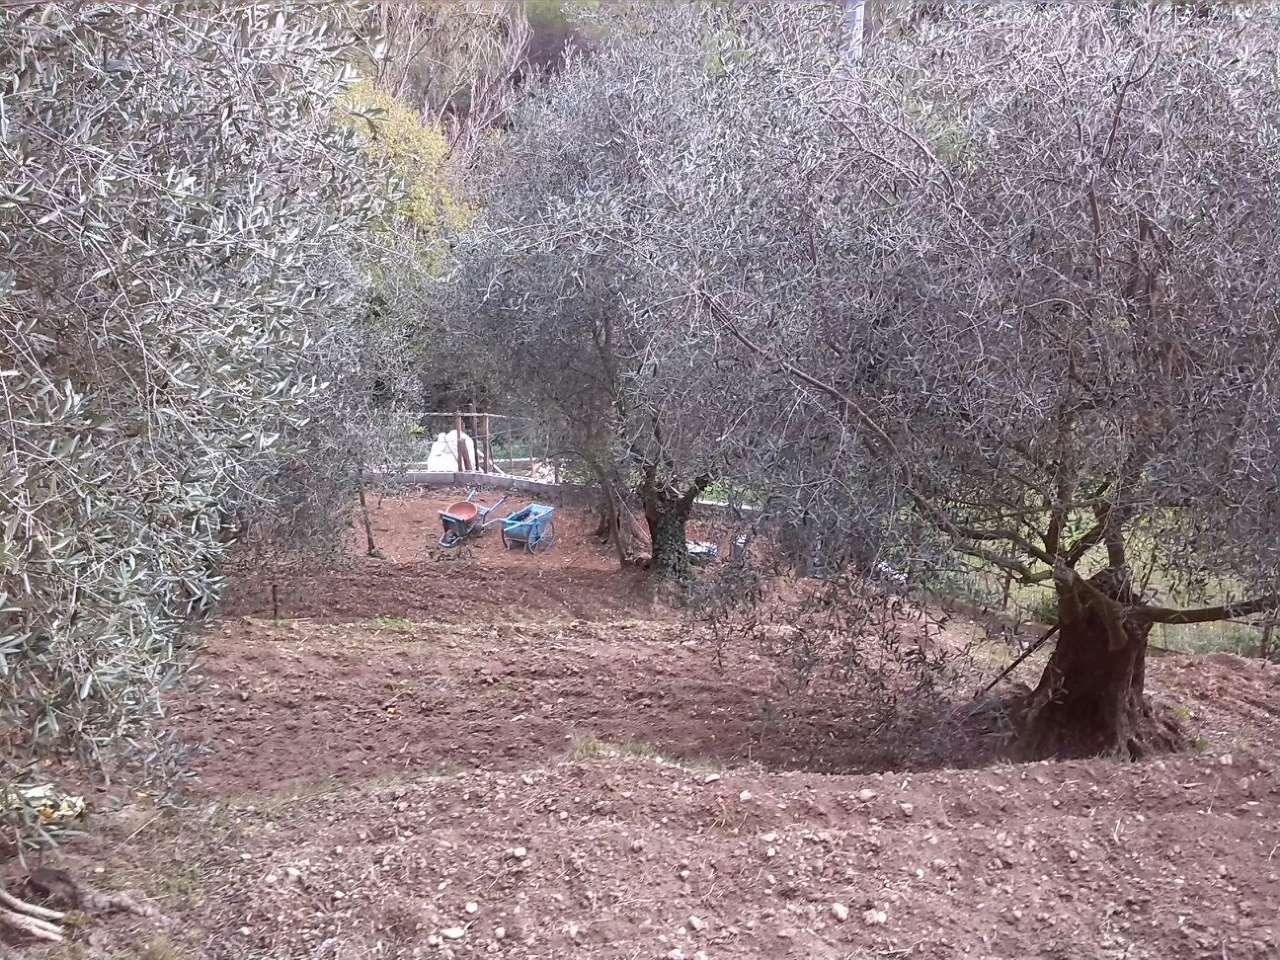 Terreno Agricolo in vendita a SanRemo, 9999 locali, prezzo € 25.000 | CambioCasa.it